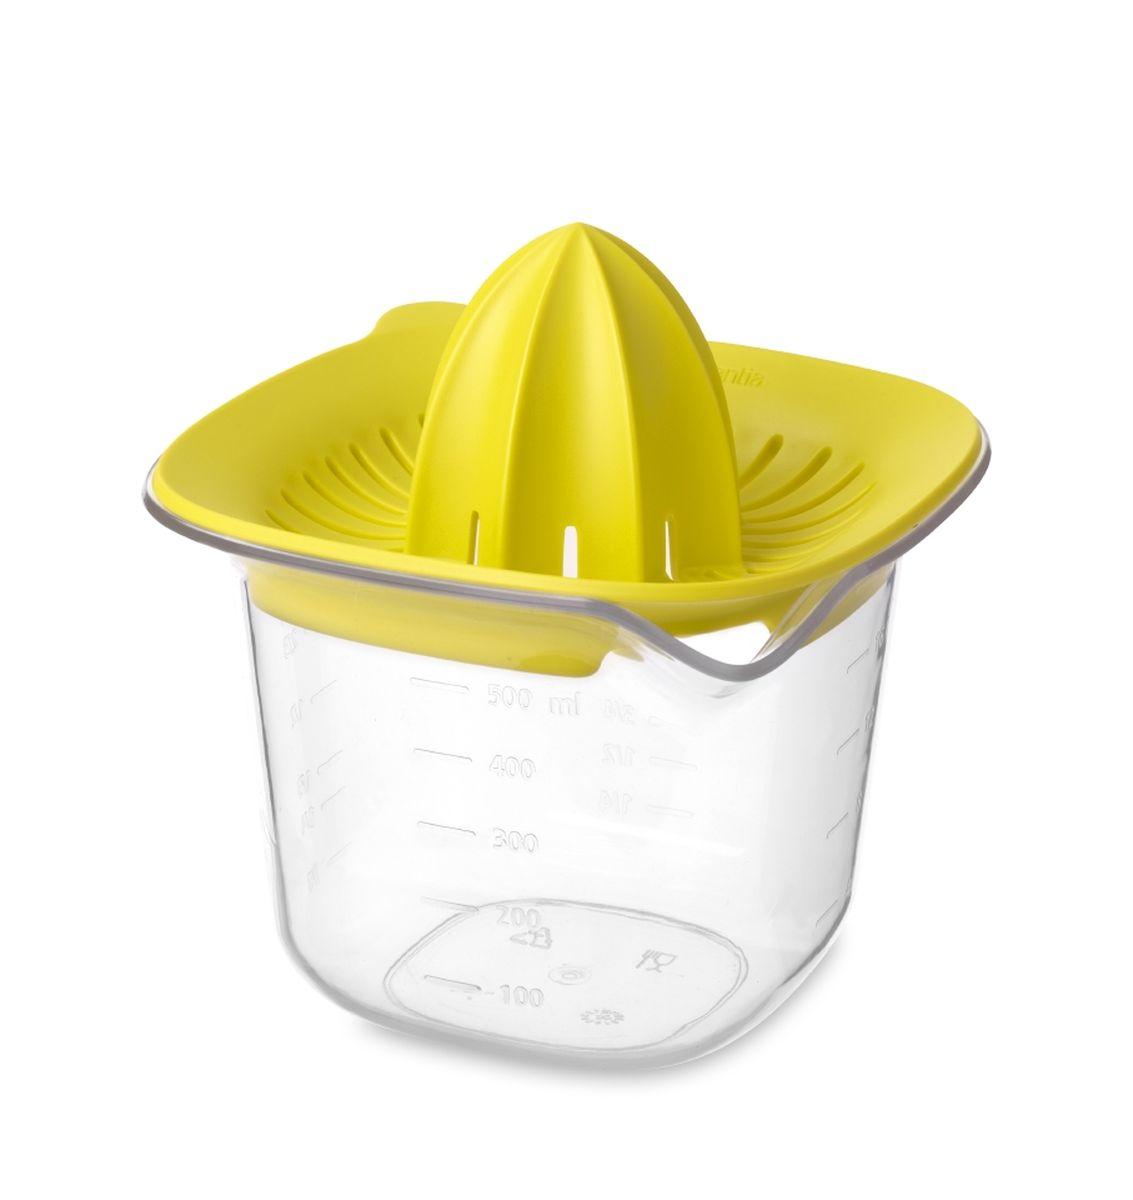 Соковыжималка Brabantia Tasty Colours, цвет: желтый, 500 мл. 110085110085Соковыжималка подходит для приготовления сока из любых цитрусовых. Четкие мерные деления в мл, пинтах, стаканах и жидких унциях. Вместимость 500 мл. Удобно держать во время использования – прямоугольная форма. Экономия места на кухне и удобное хранение – изделия составляются одно в другое. Легко моется – можно мыть в посудомоечной машине.